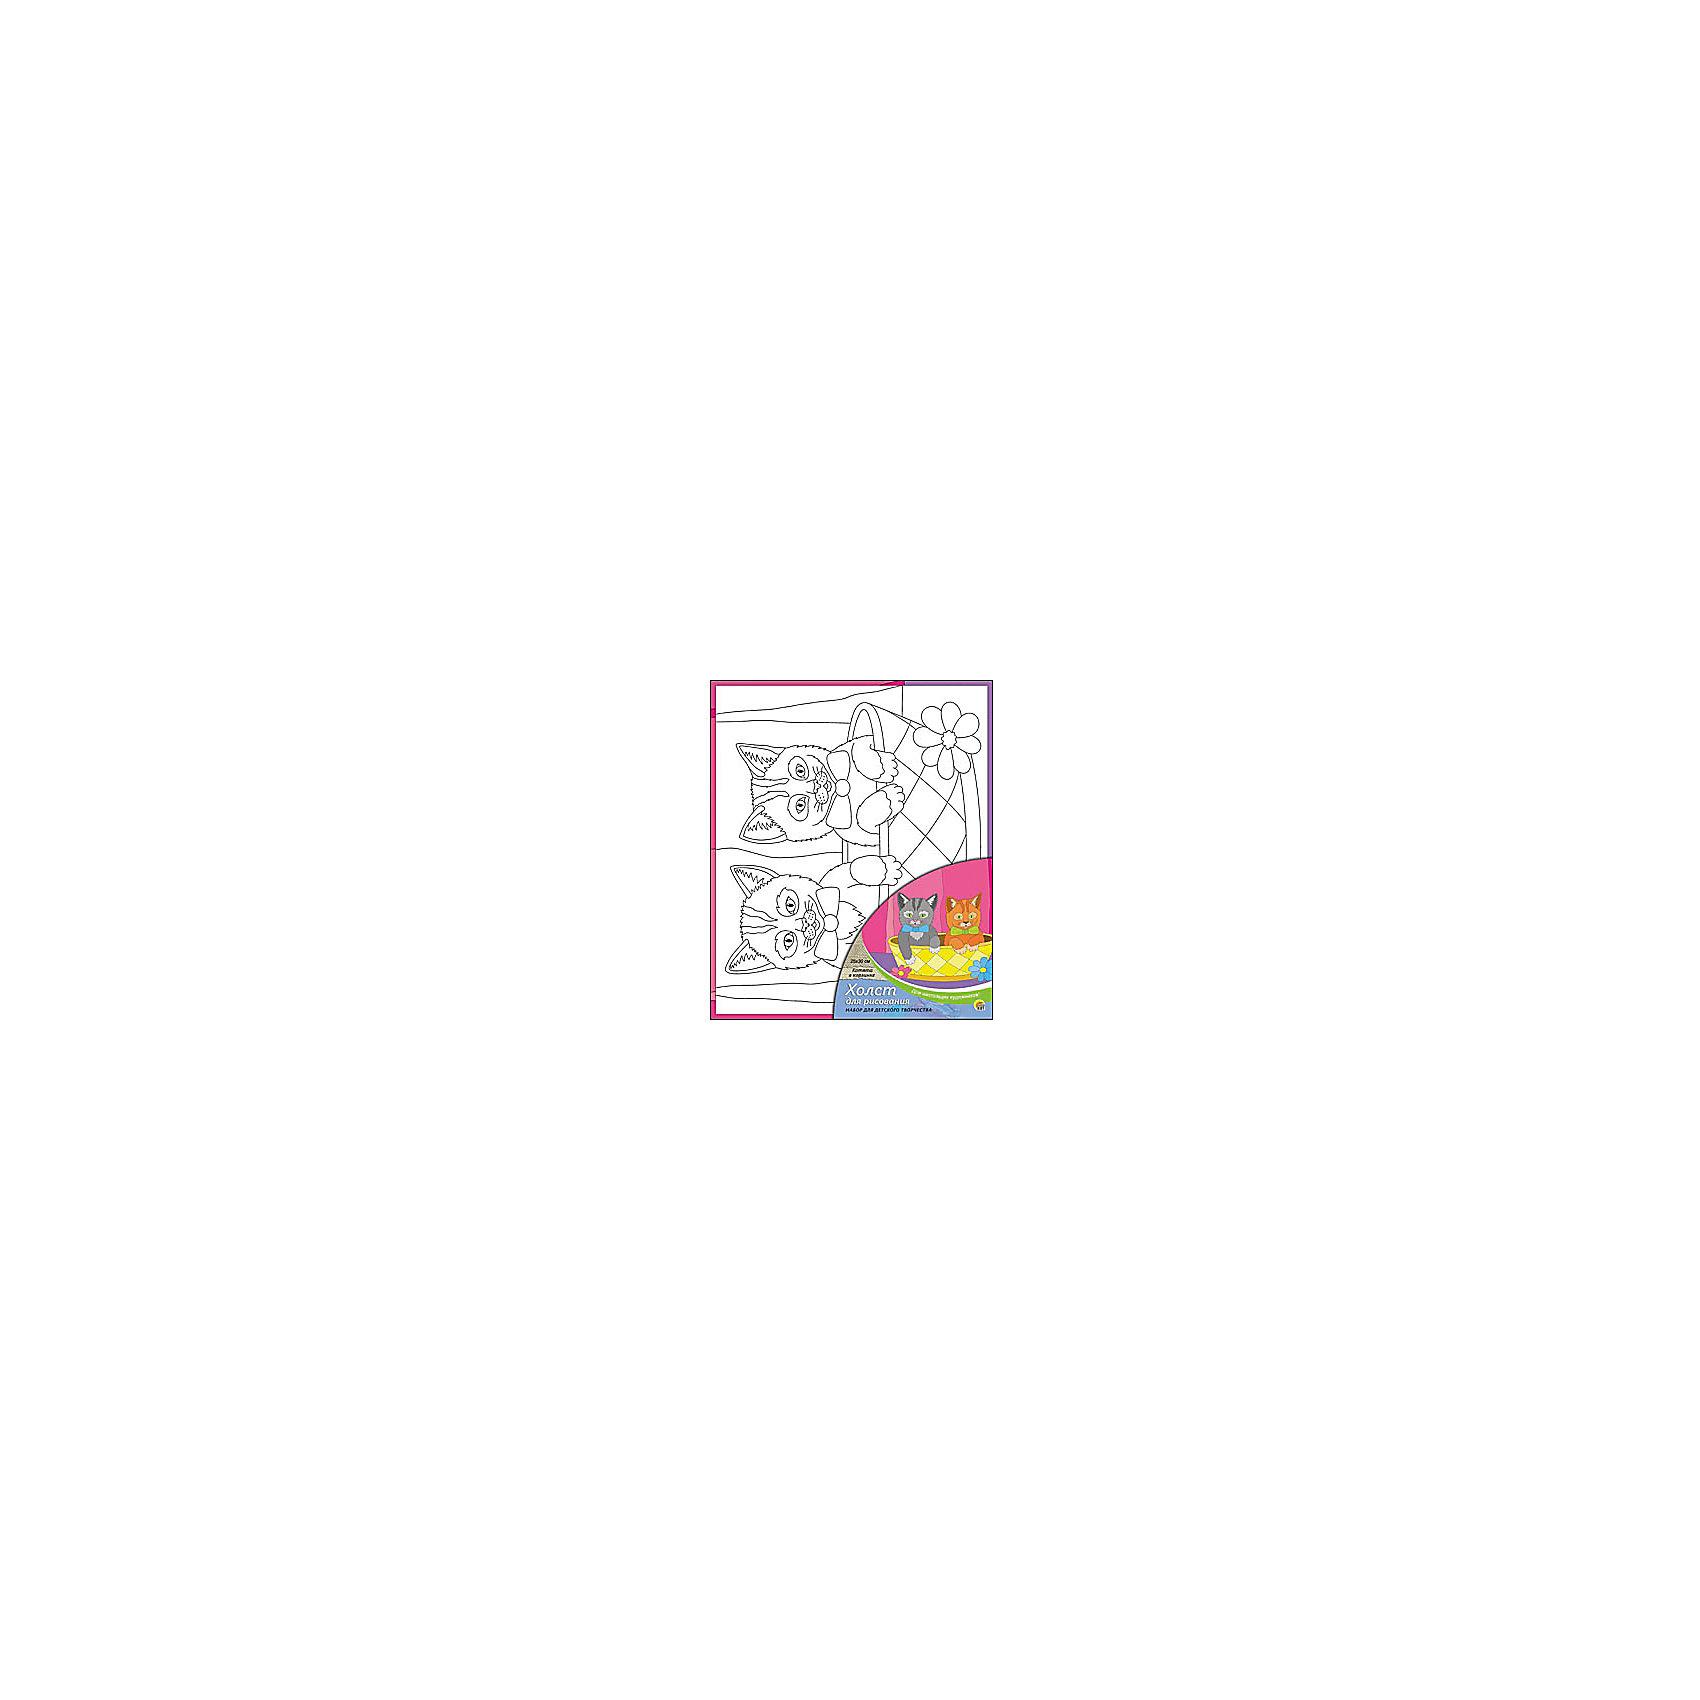 Холст с красками Котята в корзине, 25х30 смРаскраски по номерам<br>Холст с красками Котята в корзине поможет ребенку провести время с пользой и развить художественные навыки. Яркими красками он с удовольствием раскрасит эскиз на холсте и с гордостью сможет похвастаться родителям и друзьям!<br><br>Дополнительная информация:<br>В наборе: холст-эскиз, 7 акриловых красок, кисточка<br>Размер: 25х1,5х30 см<br>Вес: 250 грамм<br>Вы можете приобрести холст с красками Котята в корзине в нашем интернет-магазине.<br><br>Ширина мм: 300<br>Глубина мм: 15<br>Высота мм: 250<br>Вес г: 250<br>Возраст от месяцев: 36<br>Возраст до месяцев: 120<br>Пол: Унисекс<br>Возраст: Детский<br>SKU: 4939538